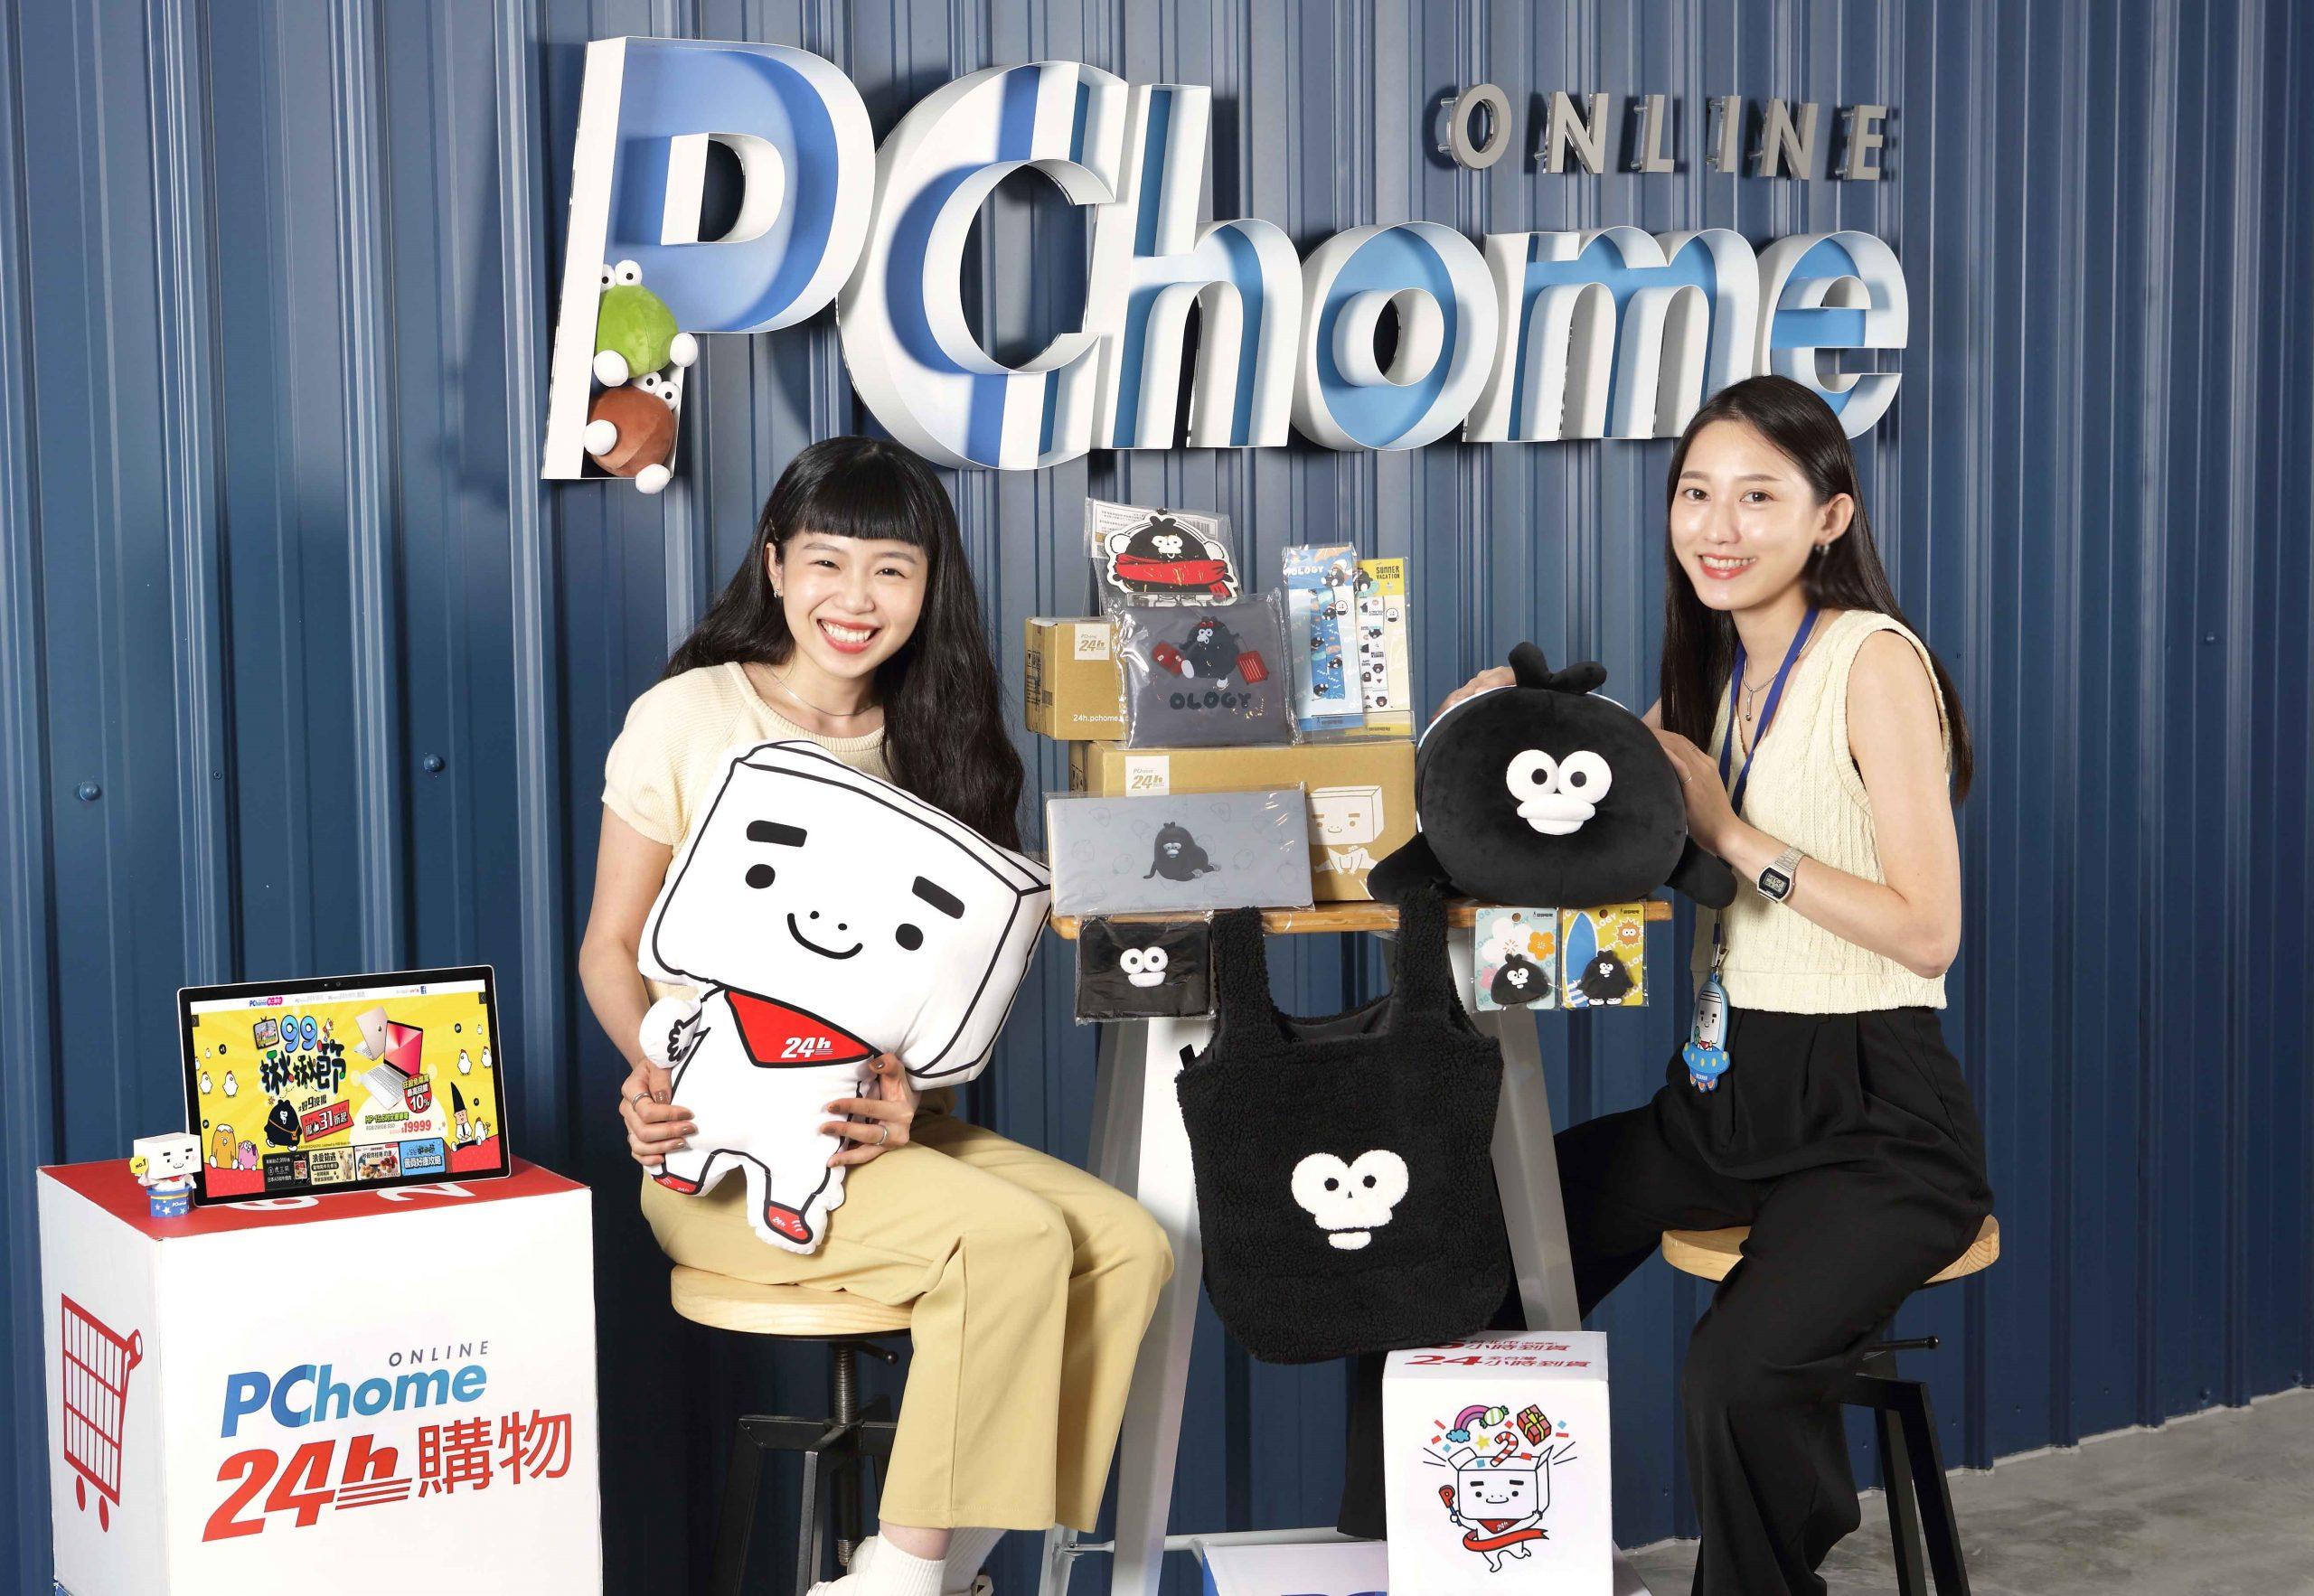 PChome網路家庭8月營收38.77億元  跨境代購高成長  微解封帶動電動自行車與機車成銷售黑馬 期五倍券挹注動能